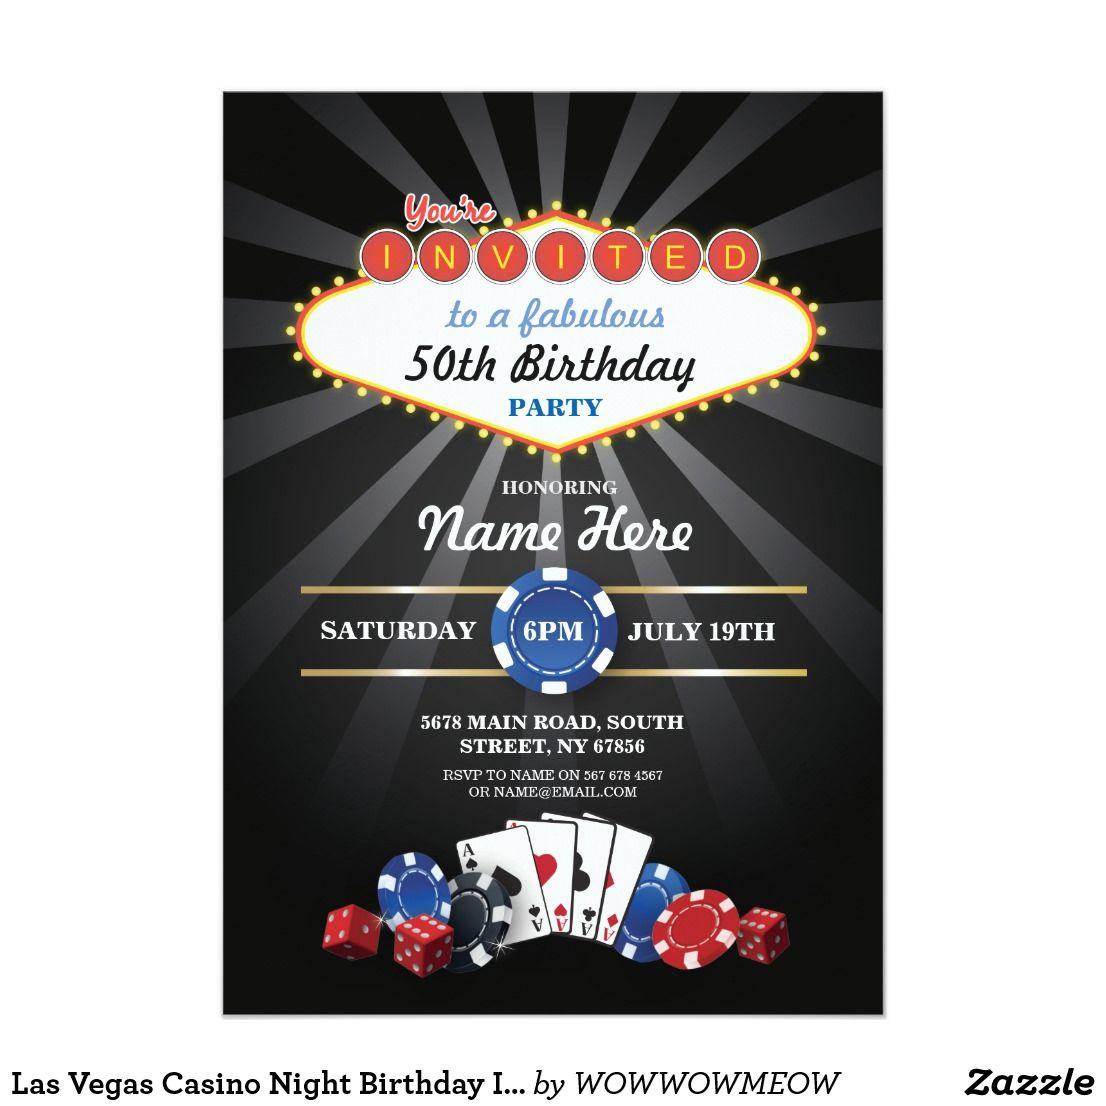 invite for a casino party